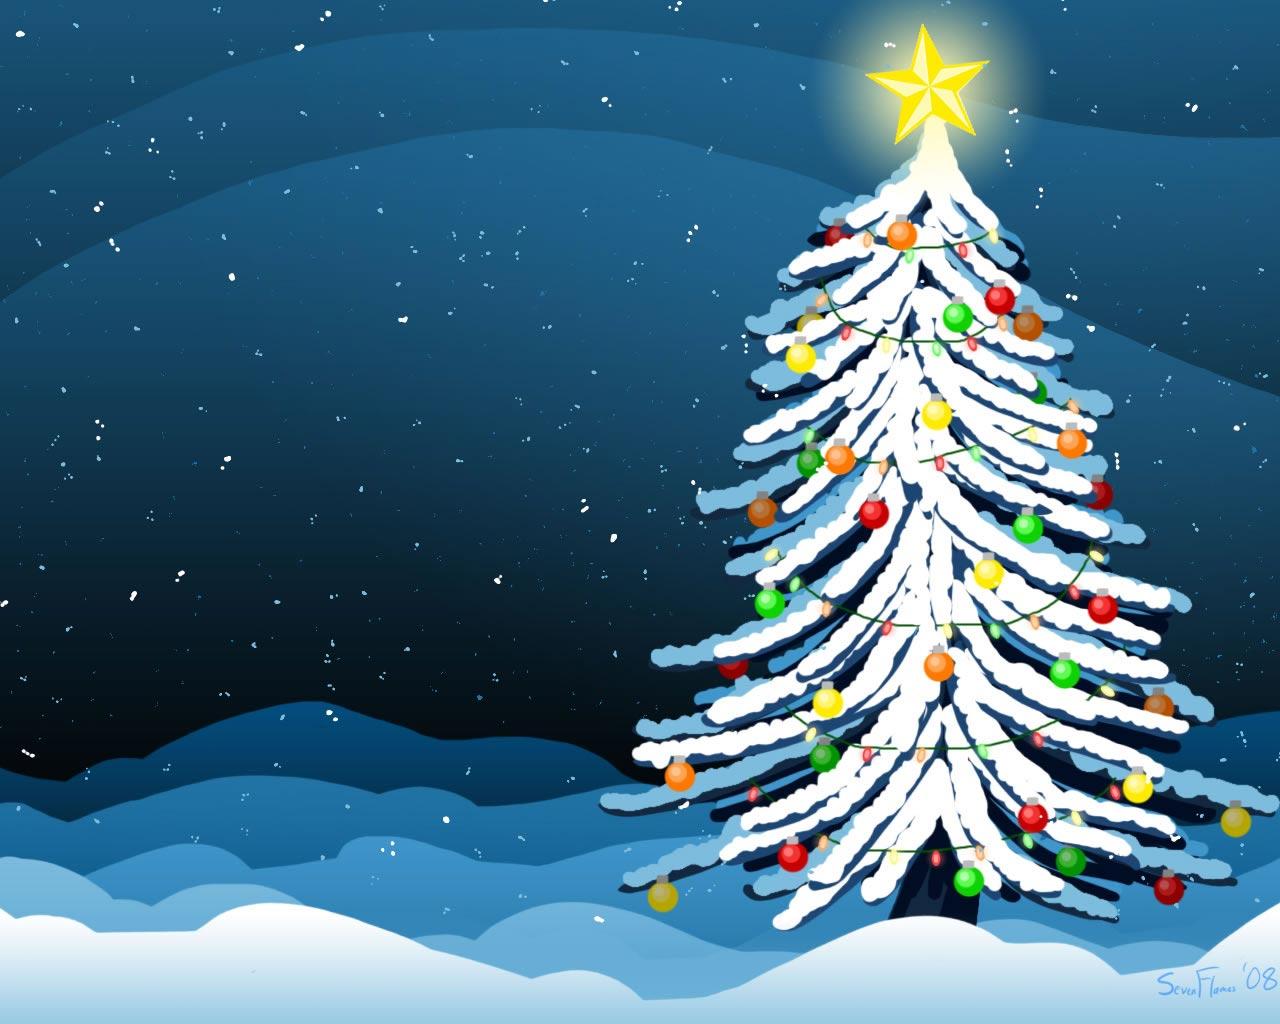 Sfondo Natalizio - Sfondo Natale albero